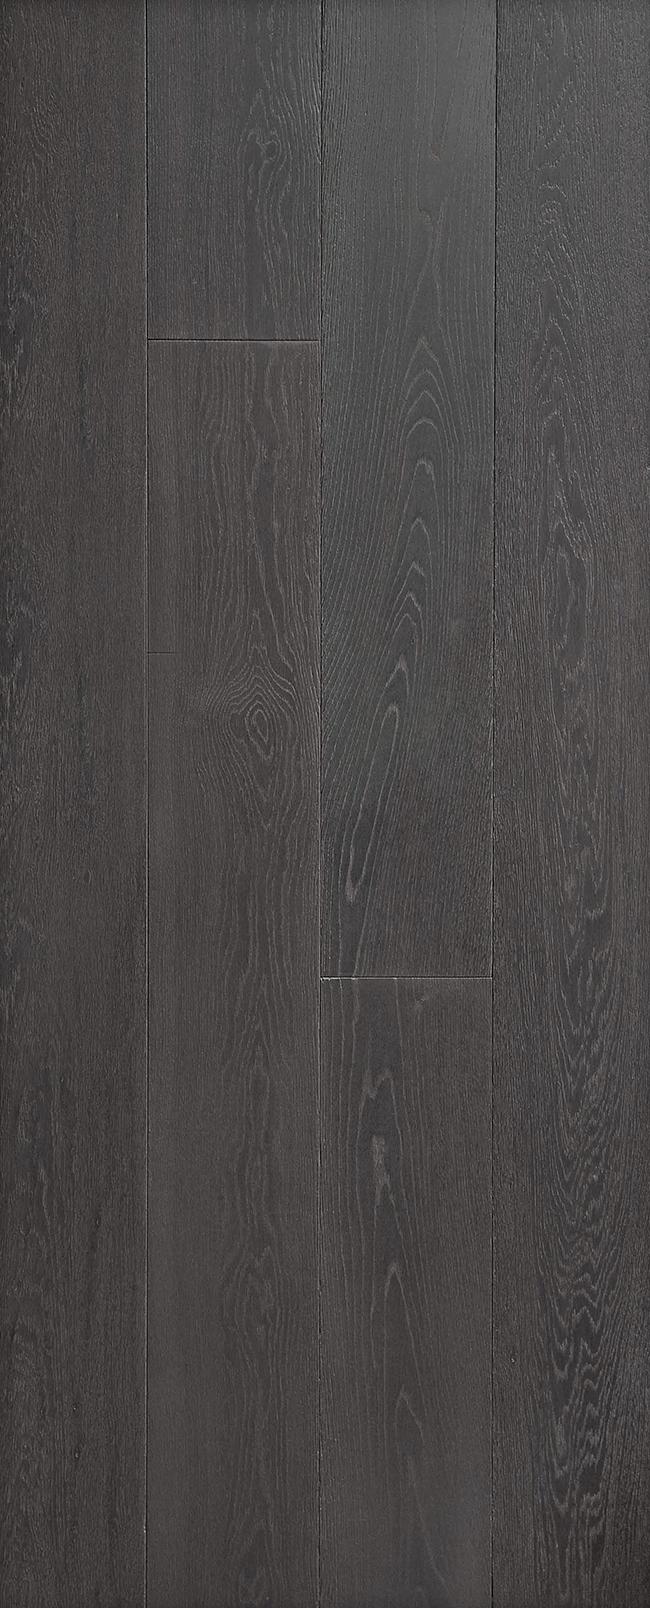 GREY THERMAL Engineered Oak.jpg